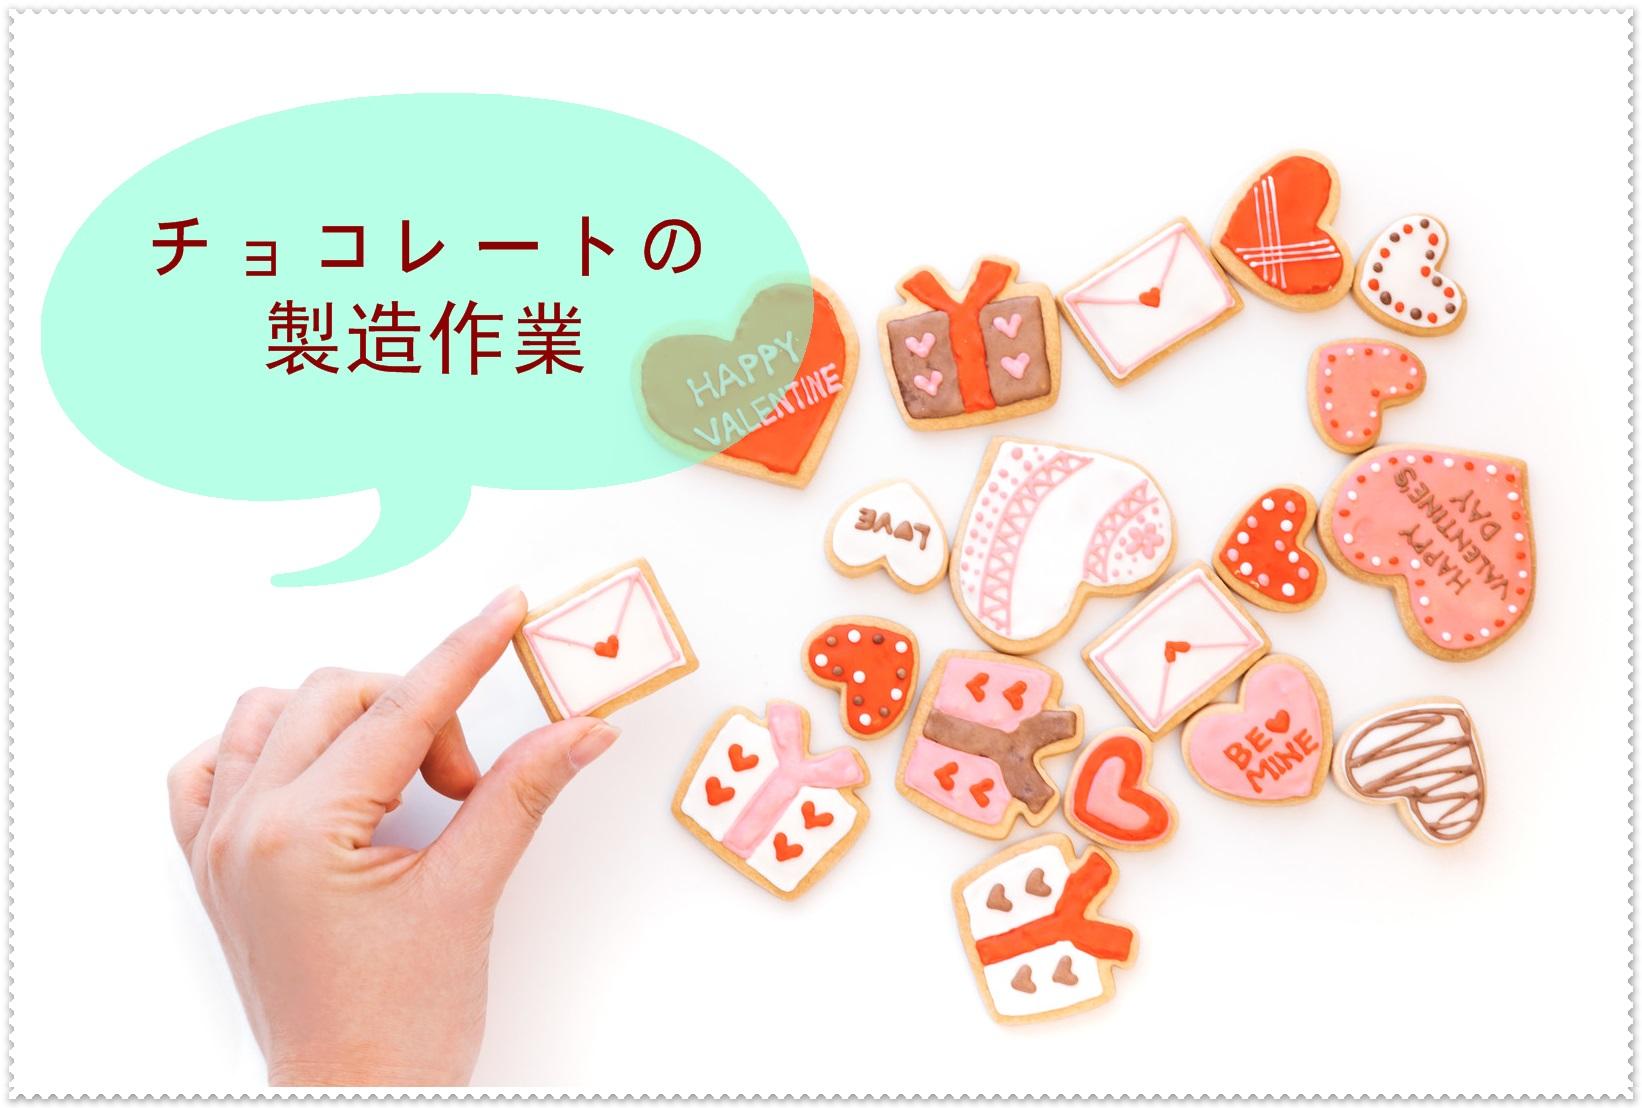 女性大活躍中☆お菓子の製造・出荷のお仕事☆0096-KK-F-SS イメージ